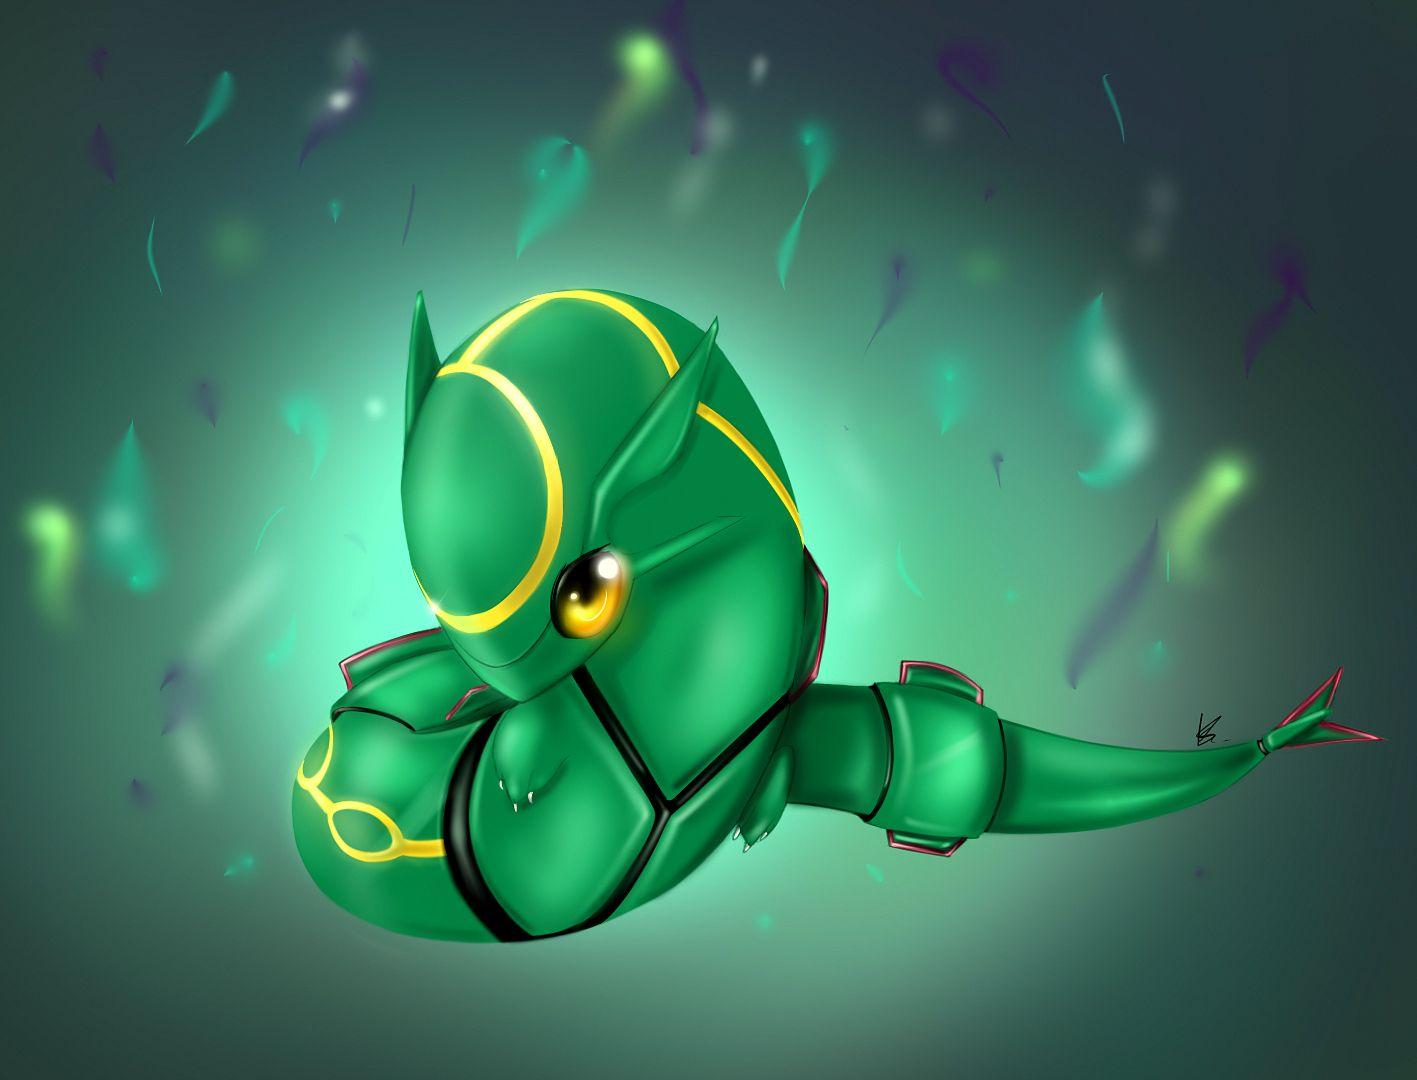 rayquaza fanart drawing pokemon illustration chibi dragon green